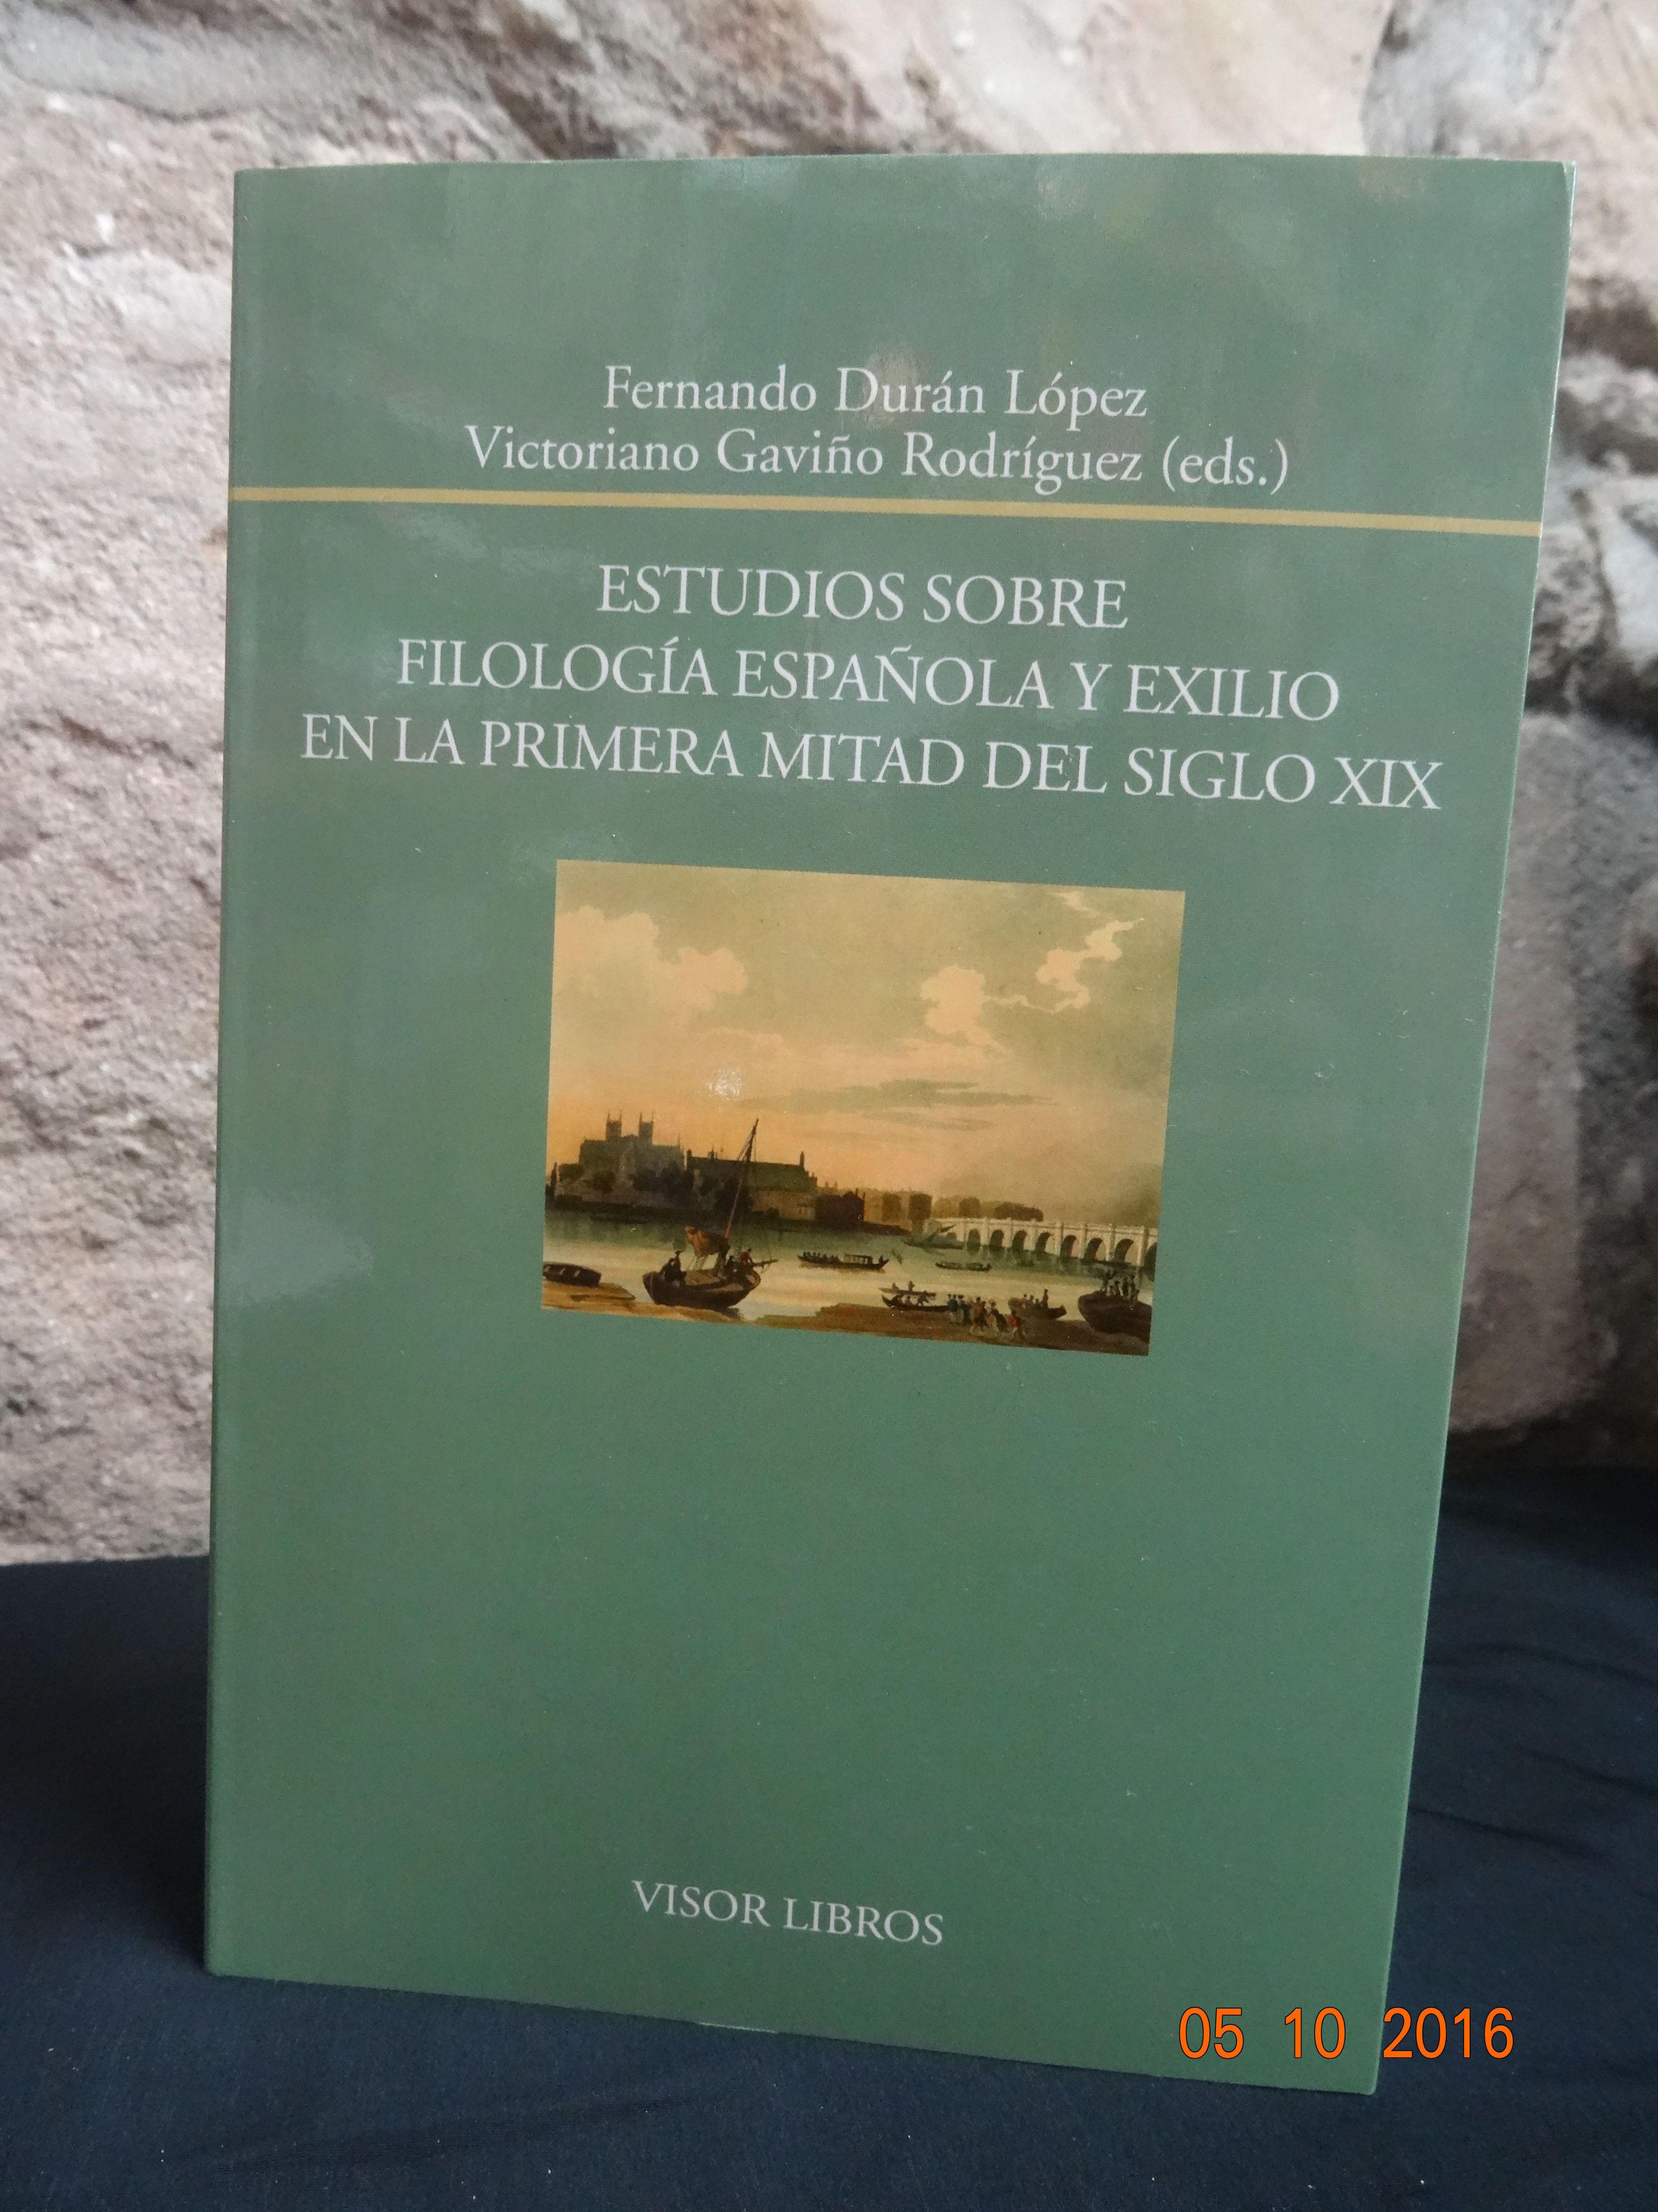 Estudios sobre Filologia Española y exilio en la 1ª mitad del siglo XIX: SECCIONES de Librería Nueva Plaza Universitaria